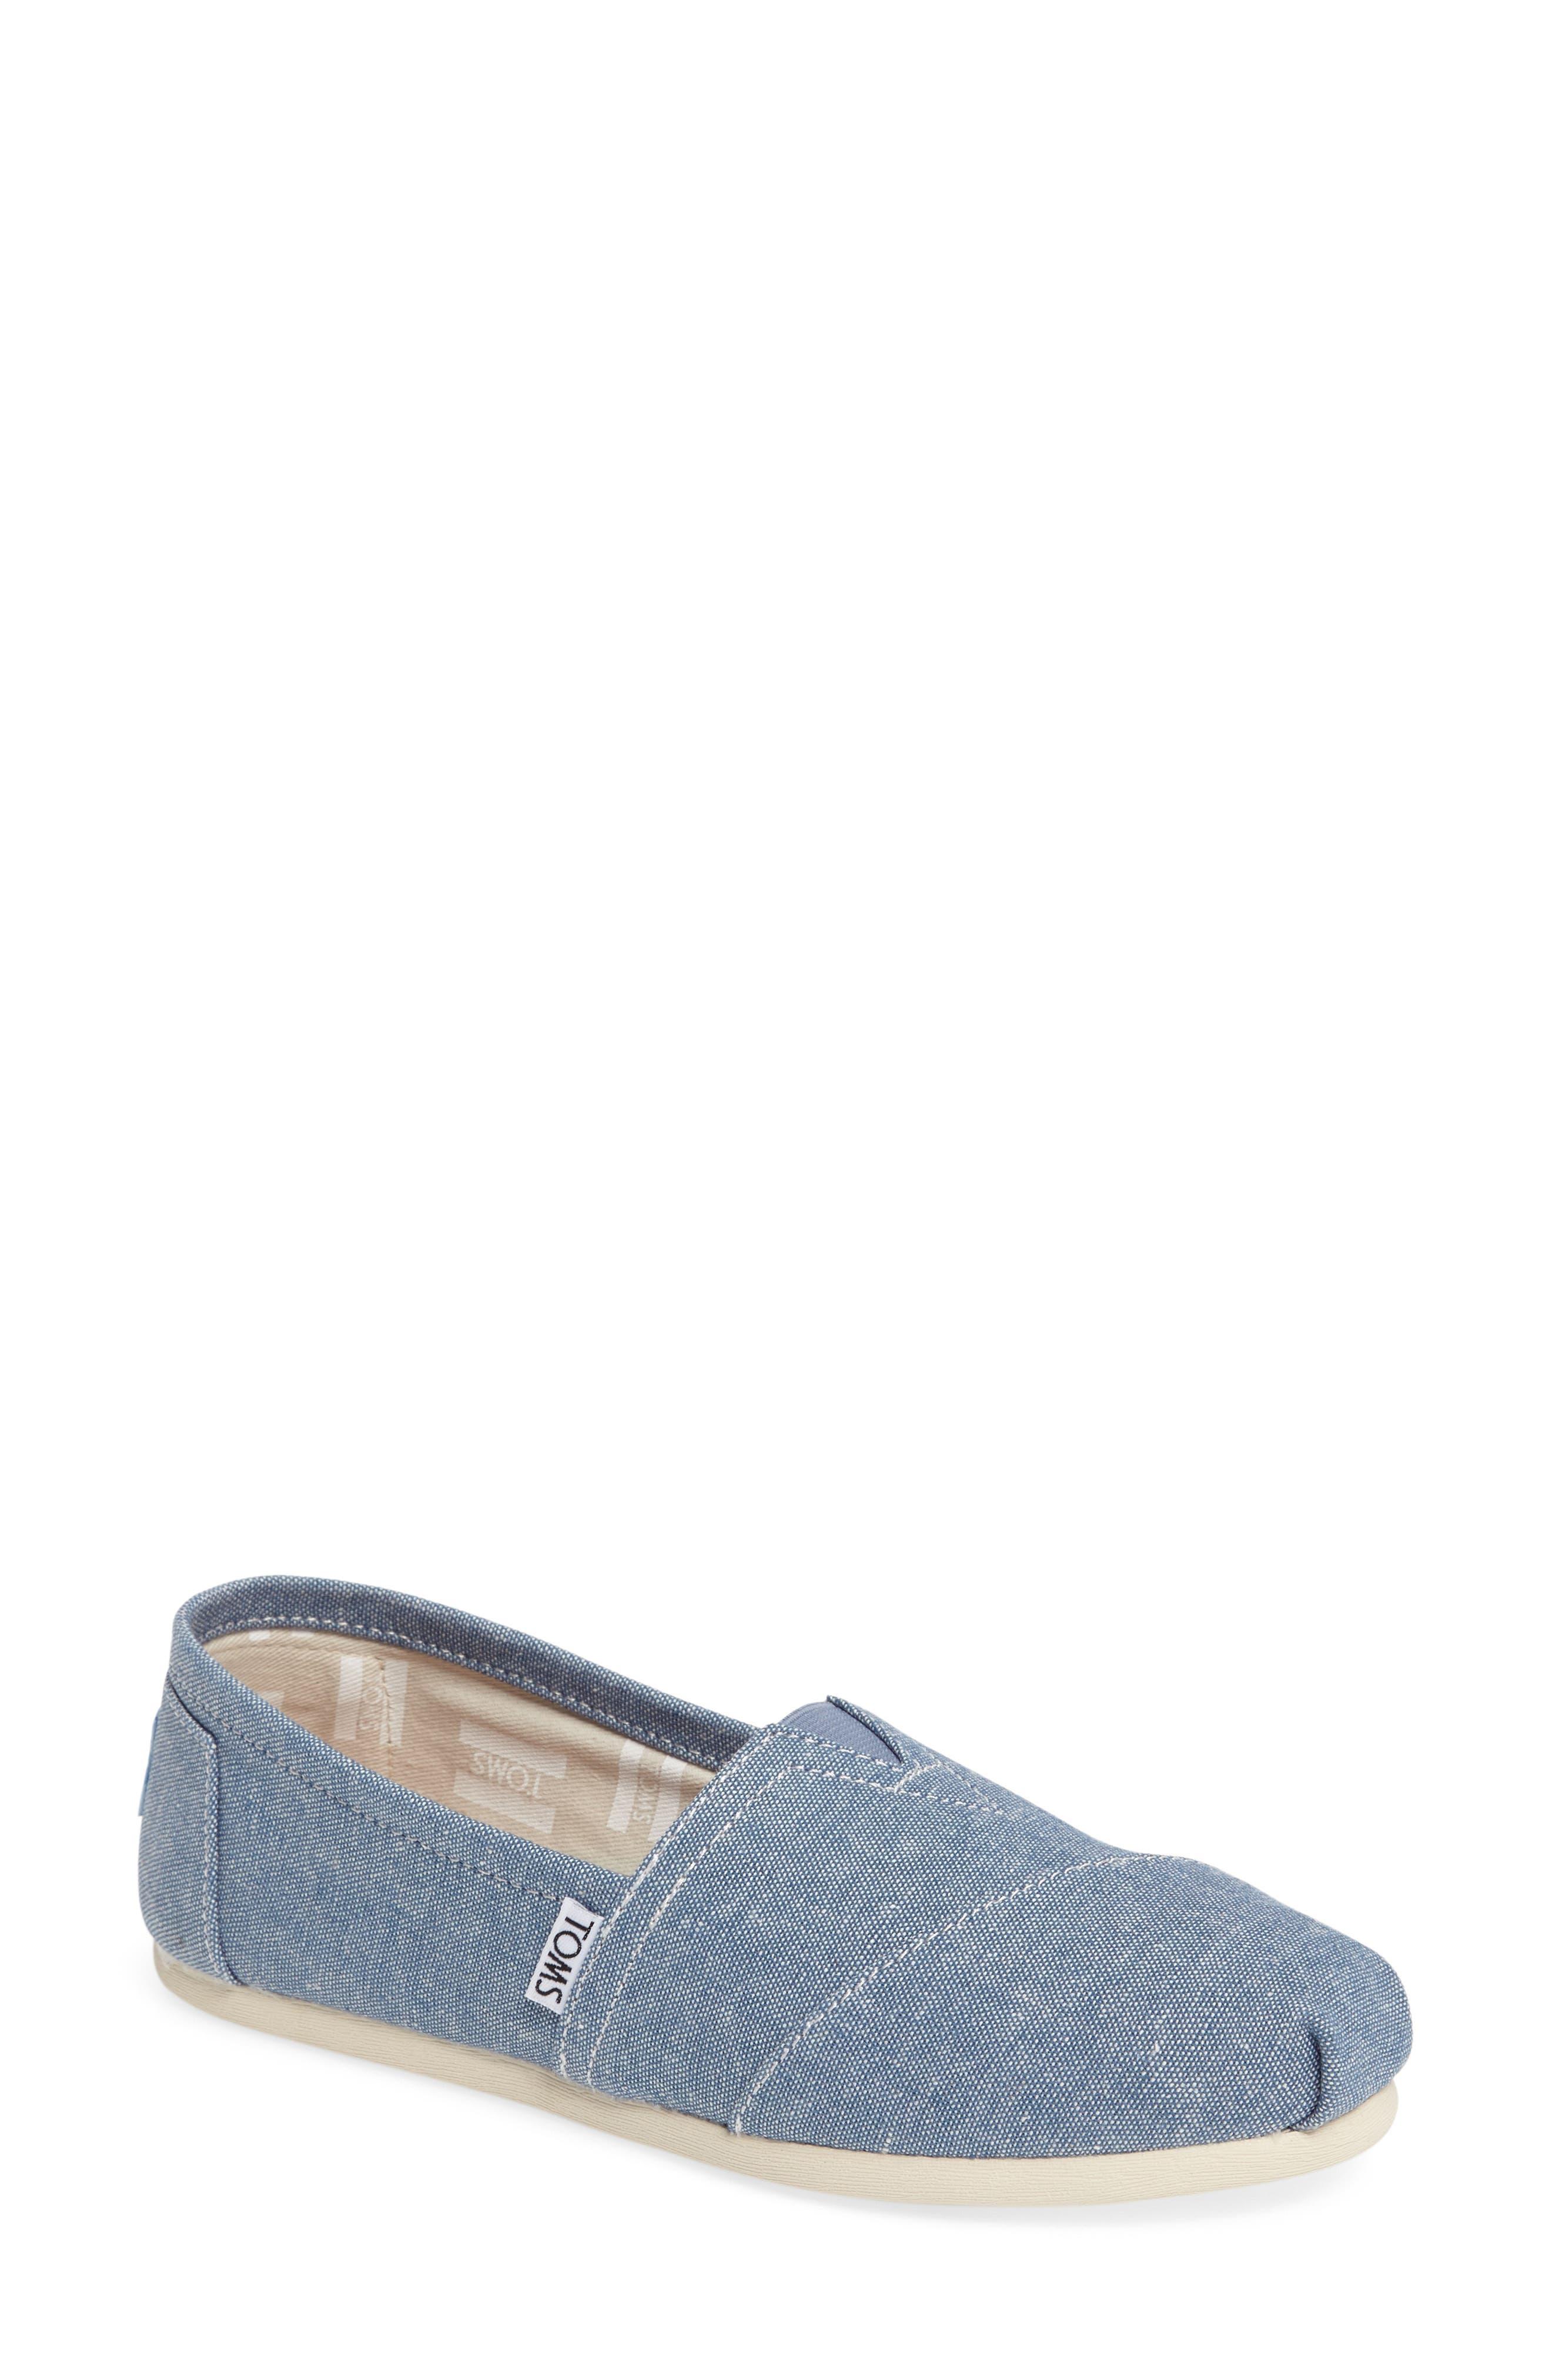 Classic Aplargata Slip-On,                         Main,                         color, 420